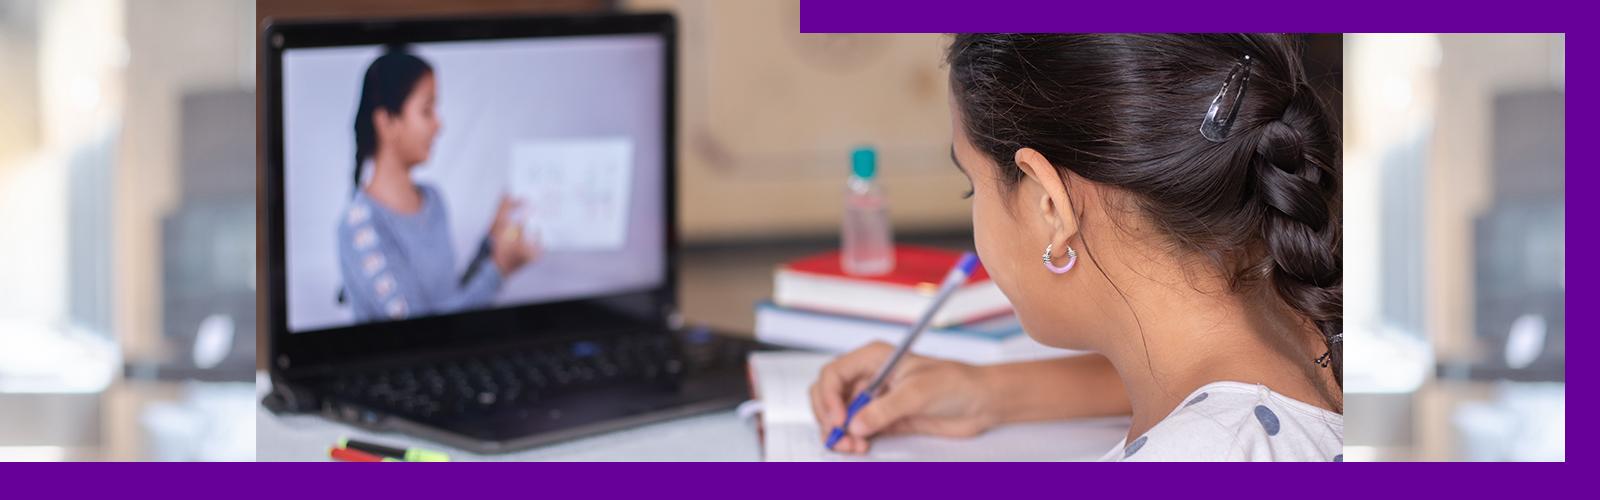 A imagem mostra uma criança de costas, olhando para a tela de um notebook onde se vê uma mulher segurando uma folha, enquanto faz anotações em um caderno